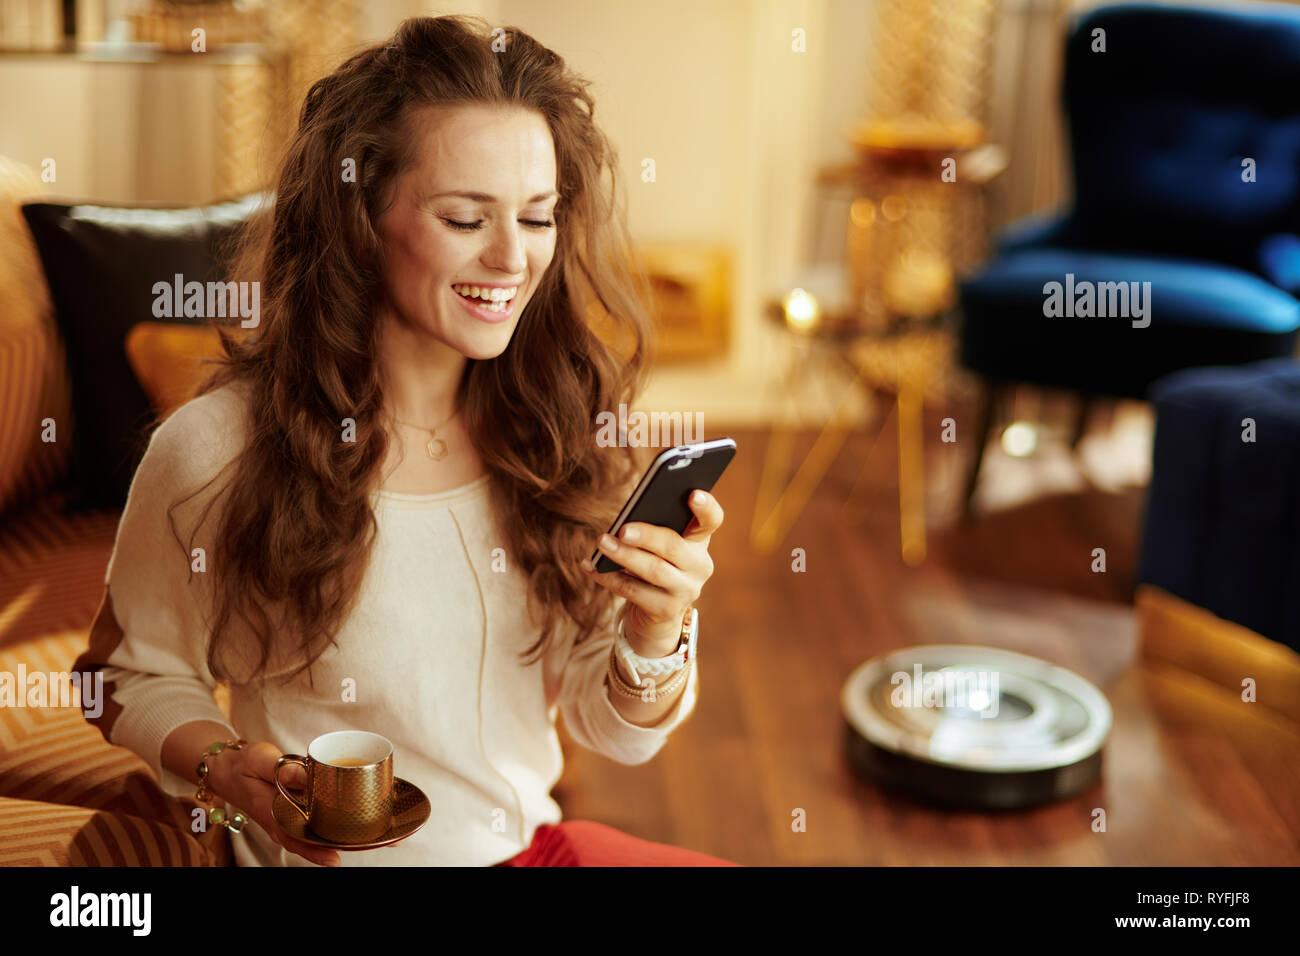 Glückliche Junge Hausfrau Mit Lange Brünette Haare Mit Kaffee Tasse